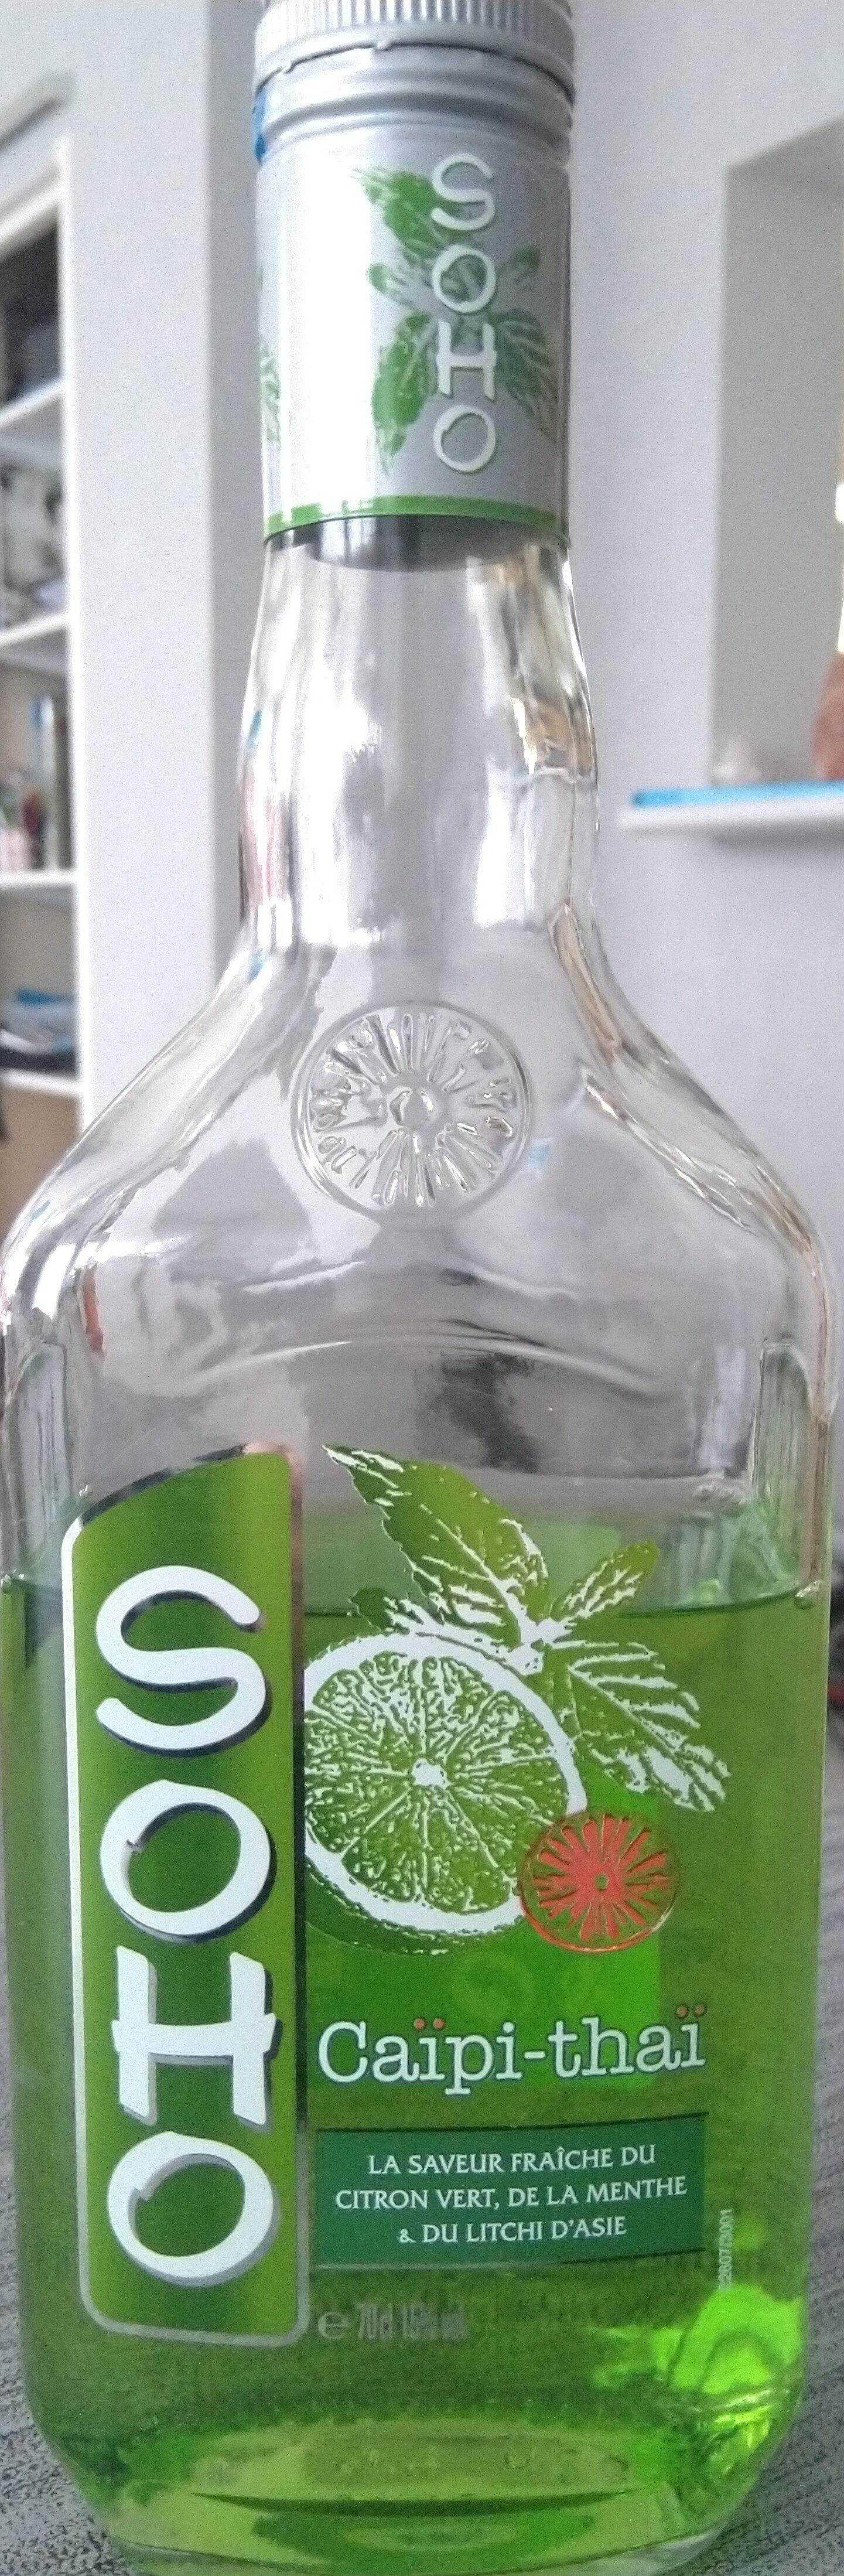 Soho Caïpi-thaï - Product - fr